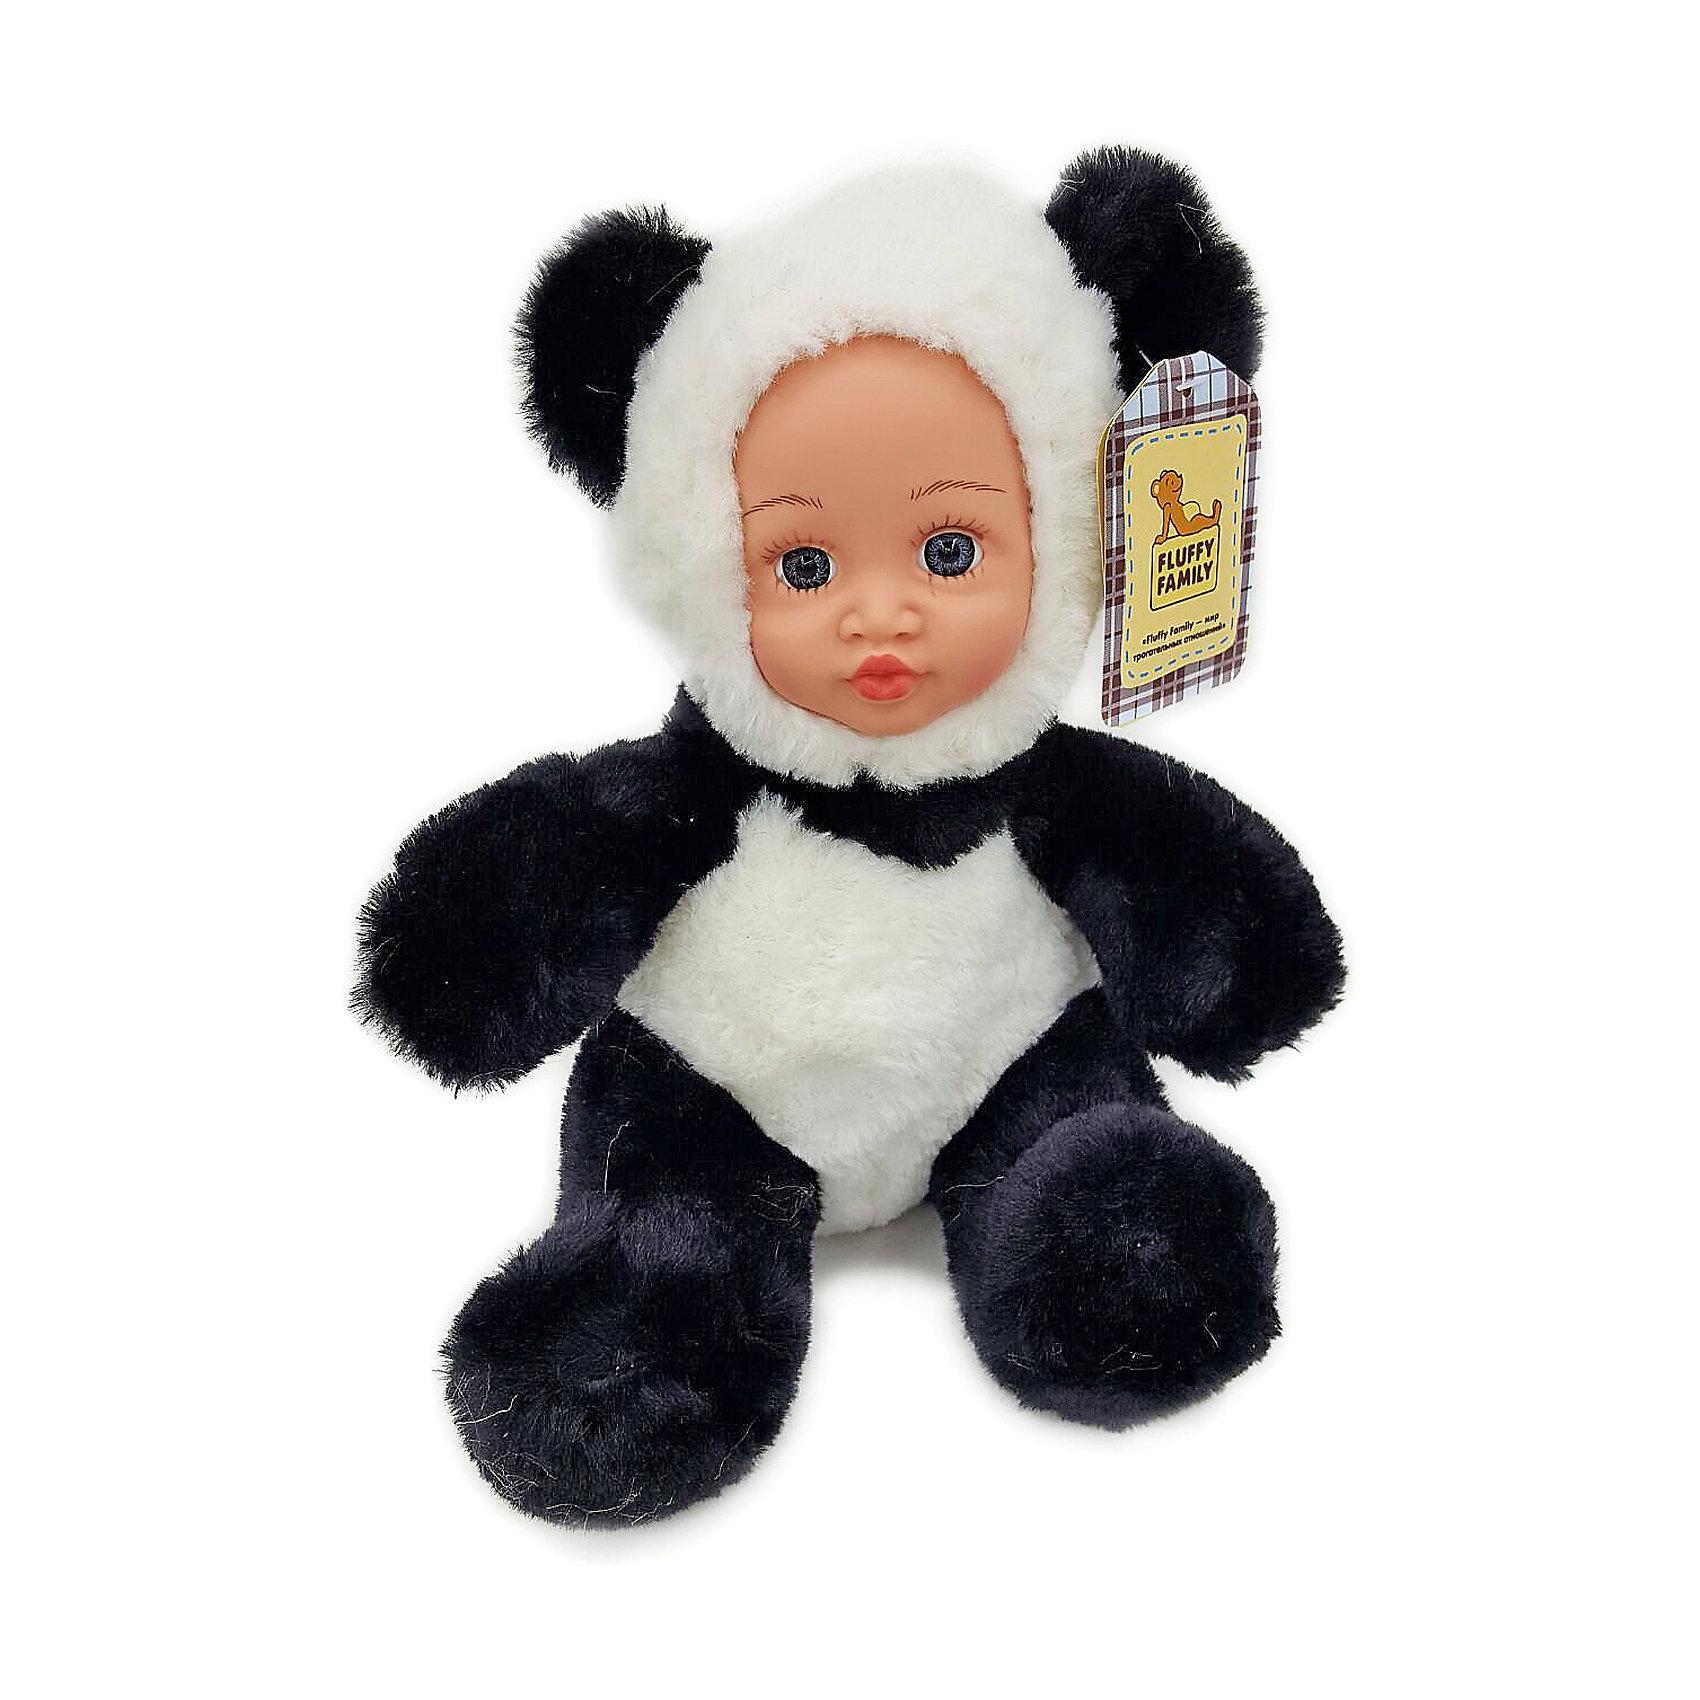 Игрушка Крошка панда, Fluffy FamilyТакая игрушка - милая вариация стандартной куклы–младенца. Малыш выполнен из пластика и тщательно прорисованным личиком. Одета кукла в костюм совенка. Ткань приятна на ощупь и малышу понравится играть с куклой. Игрушка подходит для одиночной игры малыша и для игр в компании. Не содержит мелких деталей. Кукла из коллекционной серии. Соберите весь набор! Материалы, использованные при изготовлении товара, абсолютно безопасны и отвечают всем международным требованиям по качеству.<br><br>Дополнительные характеристики:<br><br>материал: ПВХ, искусственный мех, пластик;<br>габариты: 20 X 9 X 30 см;<br>наполнитель: полиэтиленовые гранулы.<br><br>Игрушку Крошка панда от компании Fluffy Family можно приобрести в нашем магазине.<br><br>Ширина мм: 570<br>Глубина мм: 580<br>Высота мм: 450<br>Вес г: 130<br>Возраст от месяцев: 36<br>Возраст до месяцев: 96<br>Пол: Унисекс<br>Возраст: Детский<br>SKU: 5032463